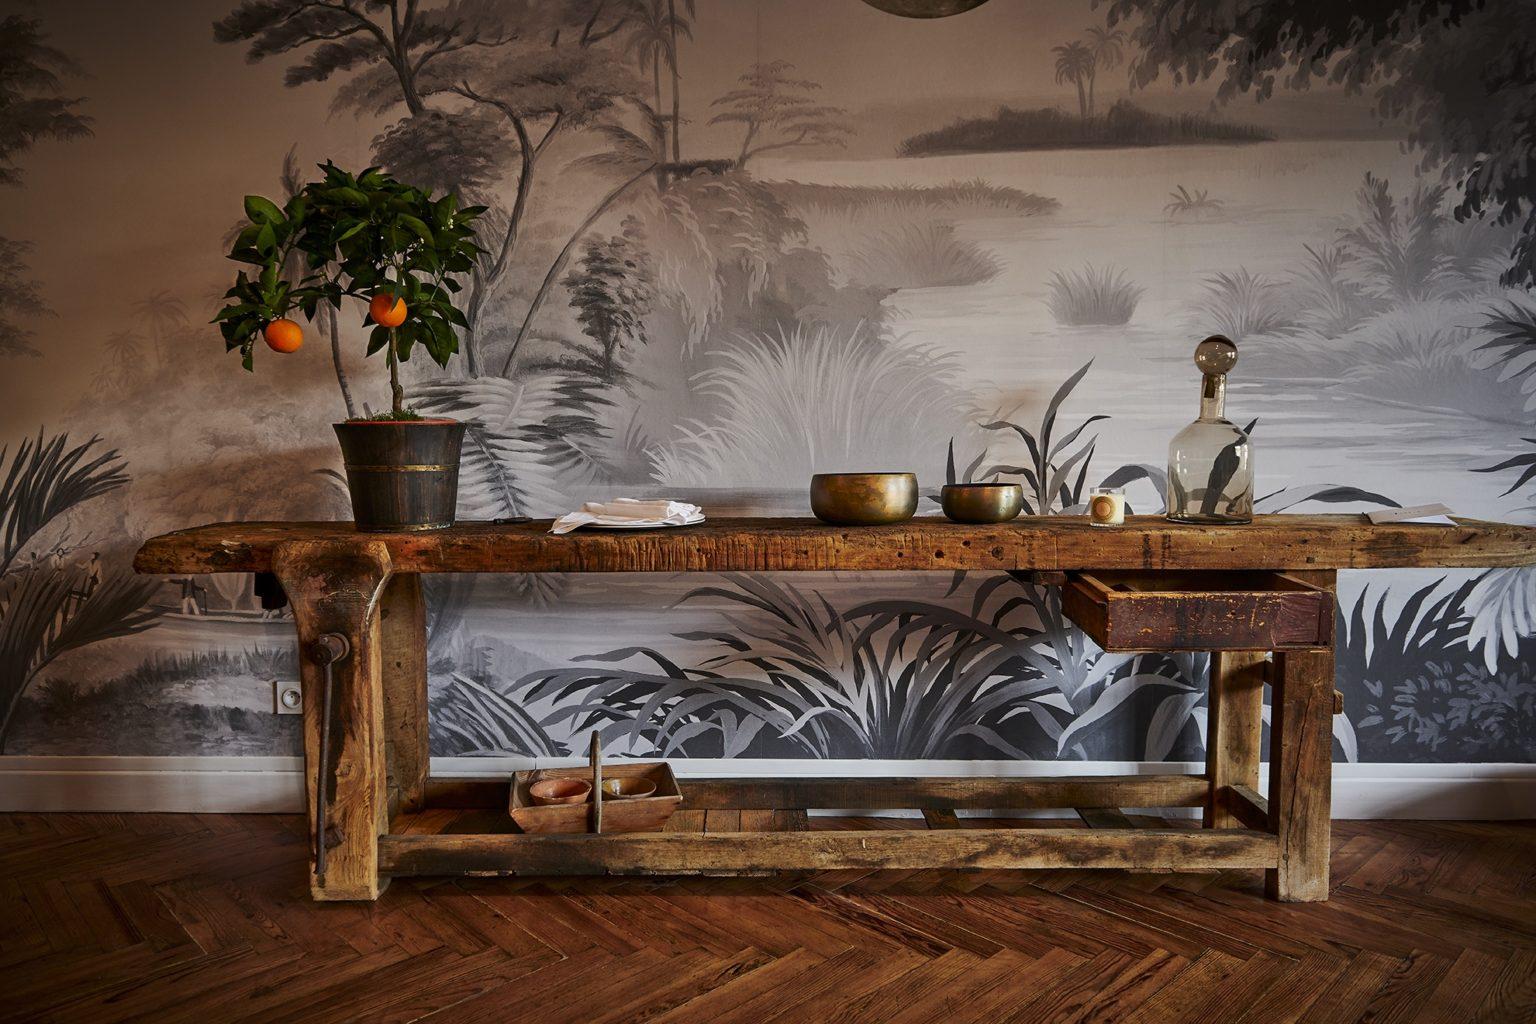 restaurant-affinite-architect-et-decorateur-d-interieurPhoto-lune